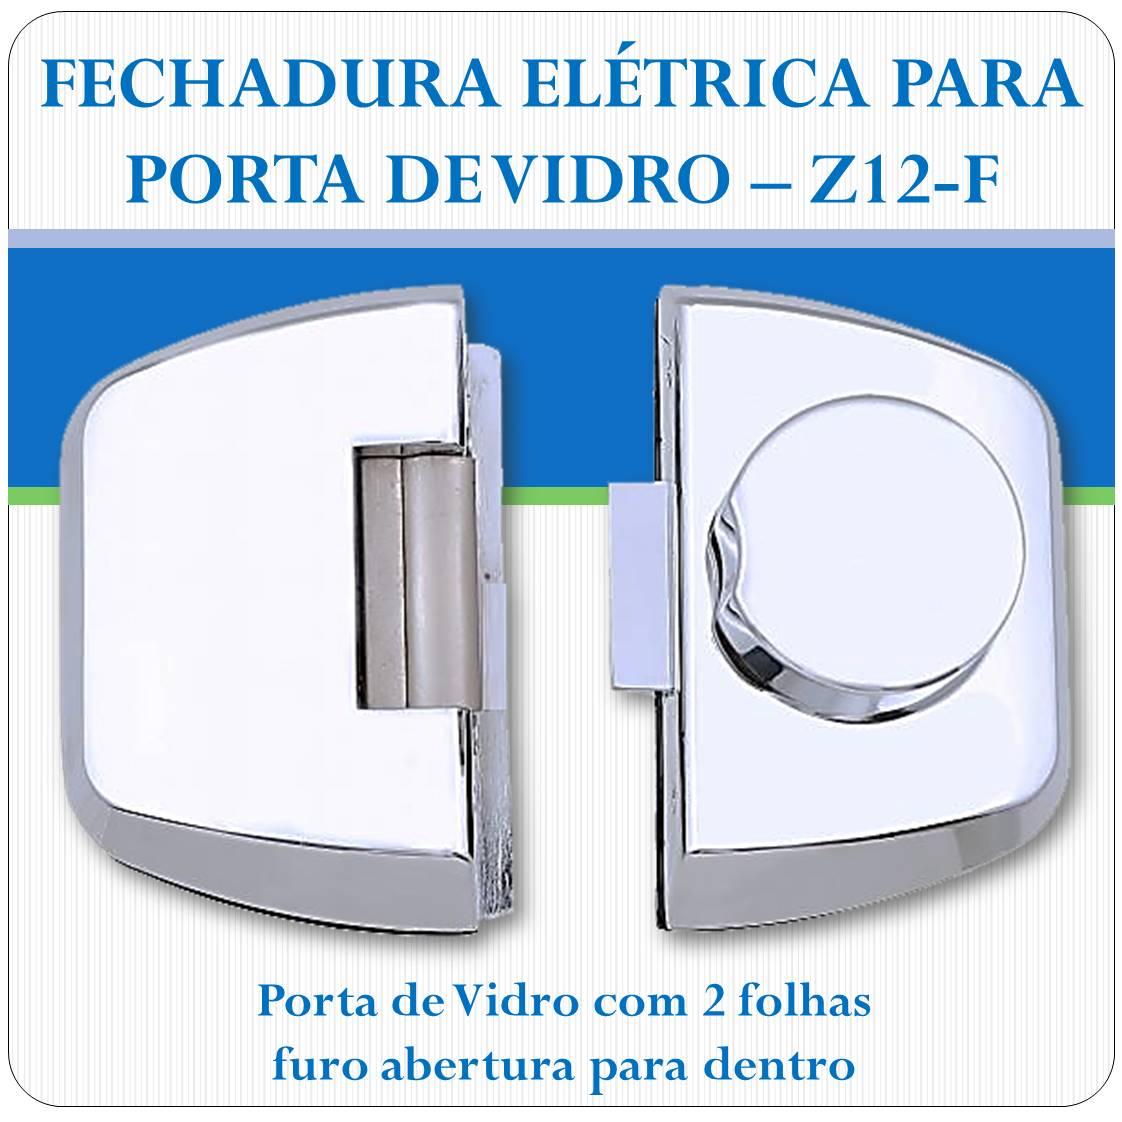 Fechadura Eletrica Porta de Vidro - Z-12F